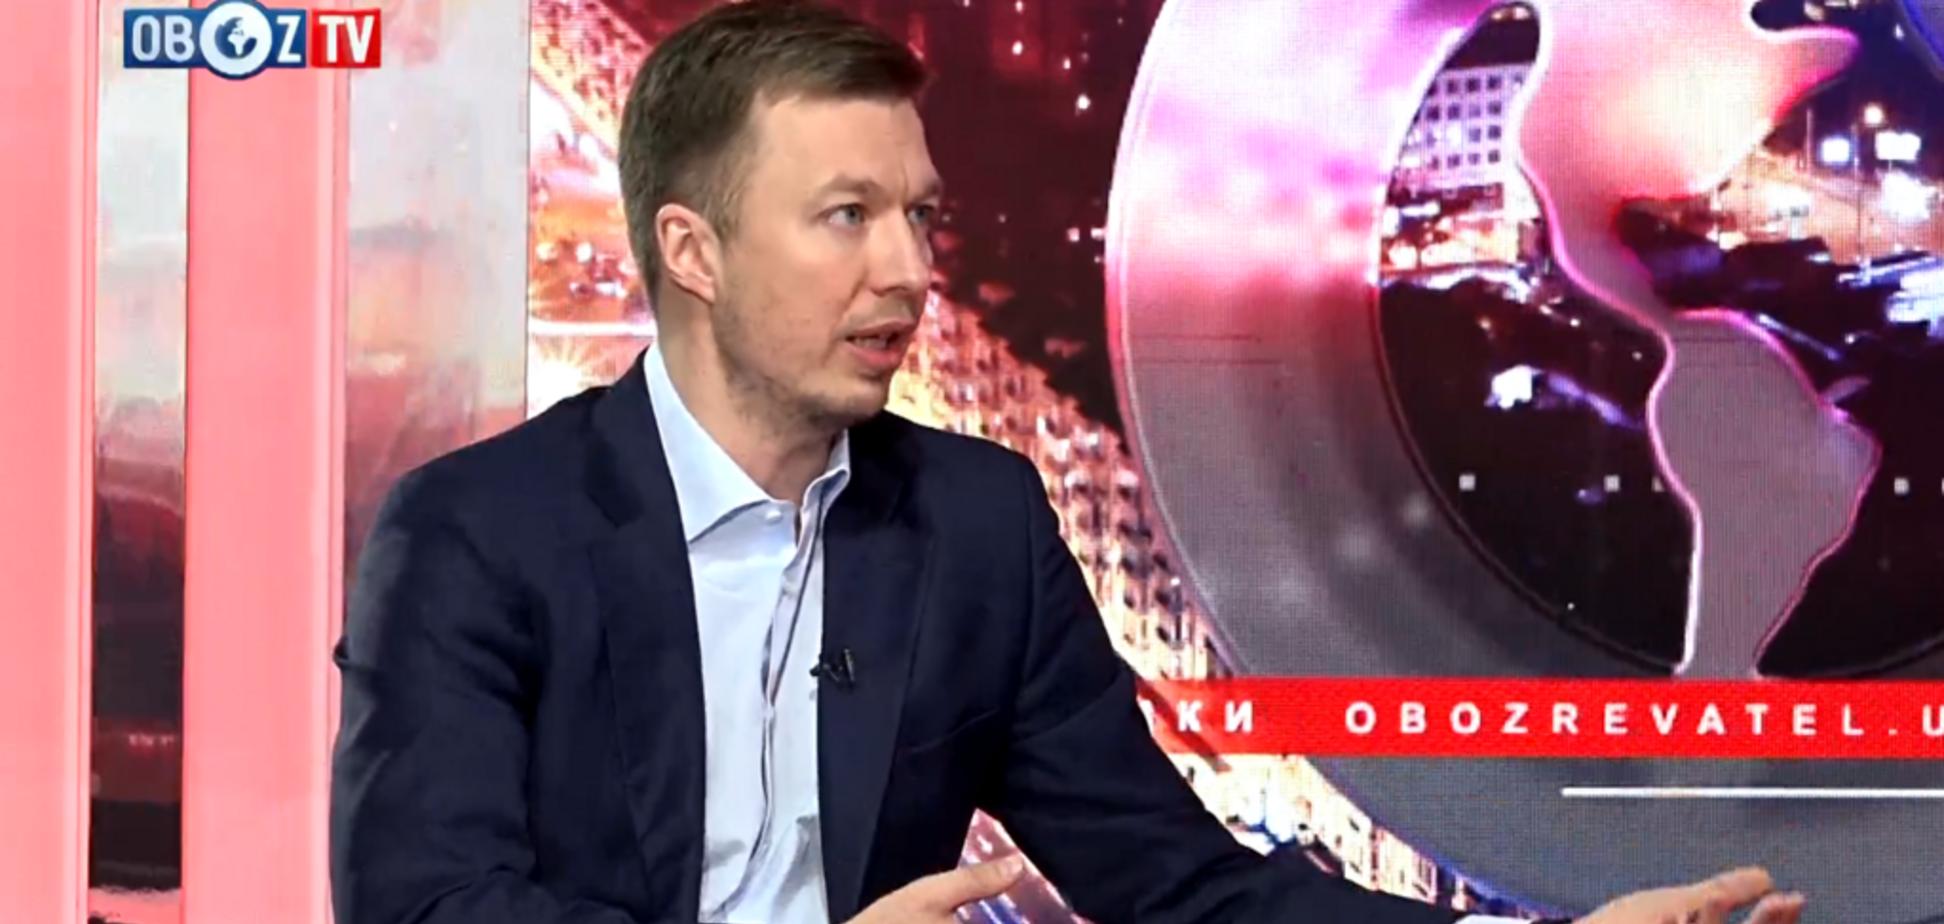 Україна сьогодні найбільш енергонеефективна країна Європи – Ніколаєнко